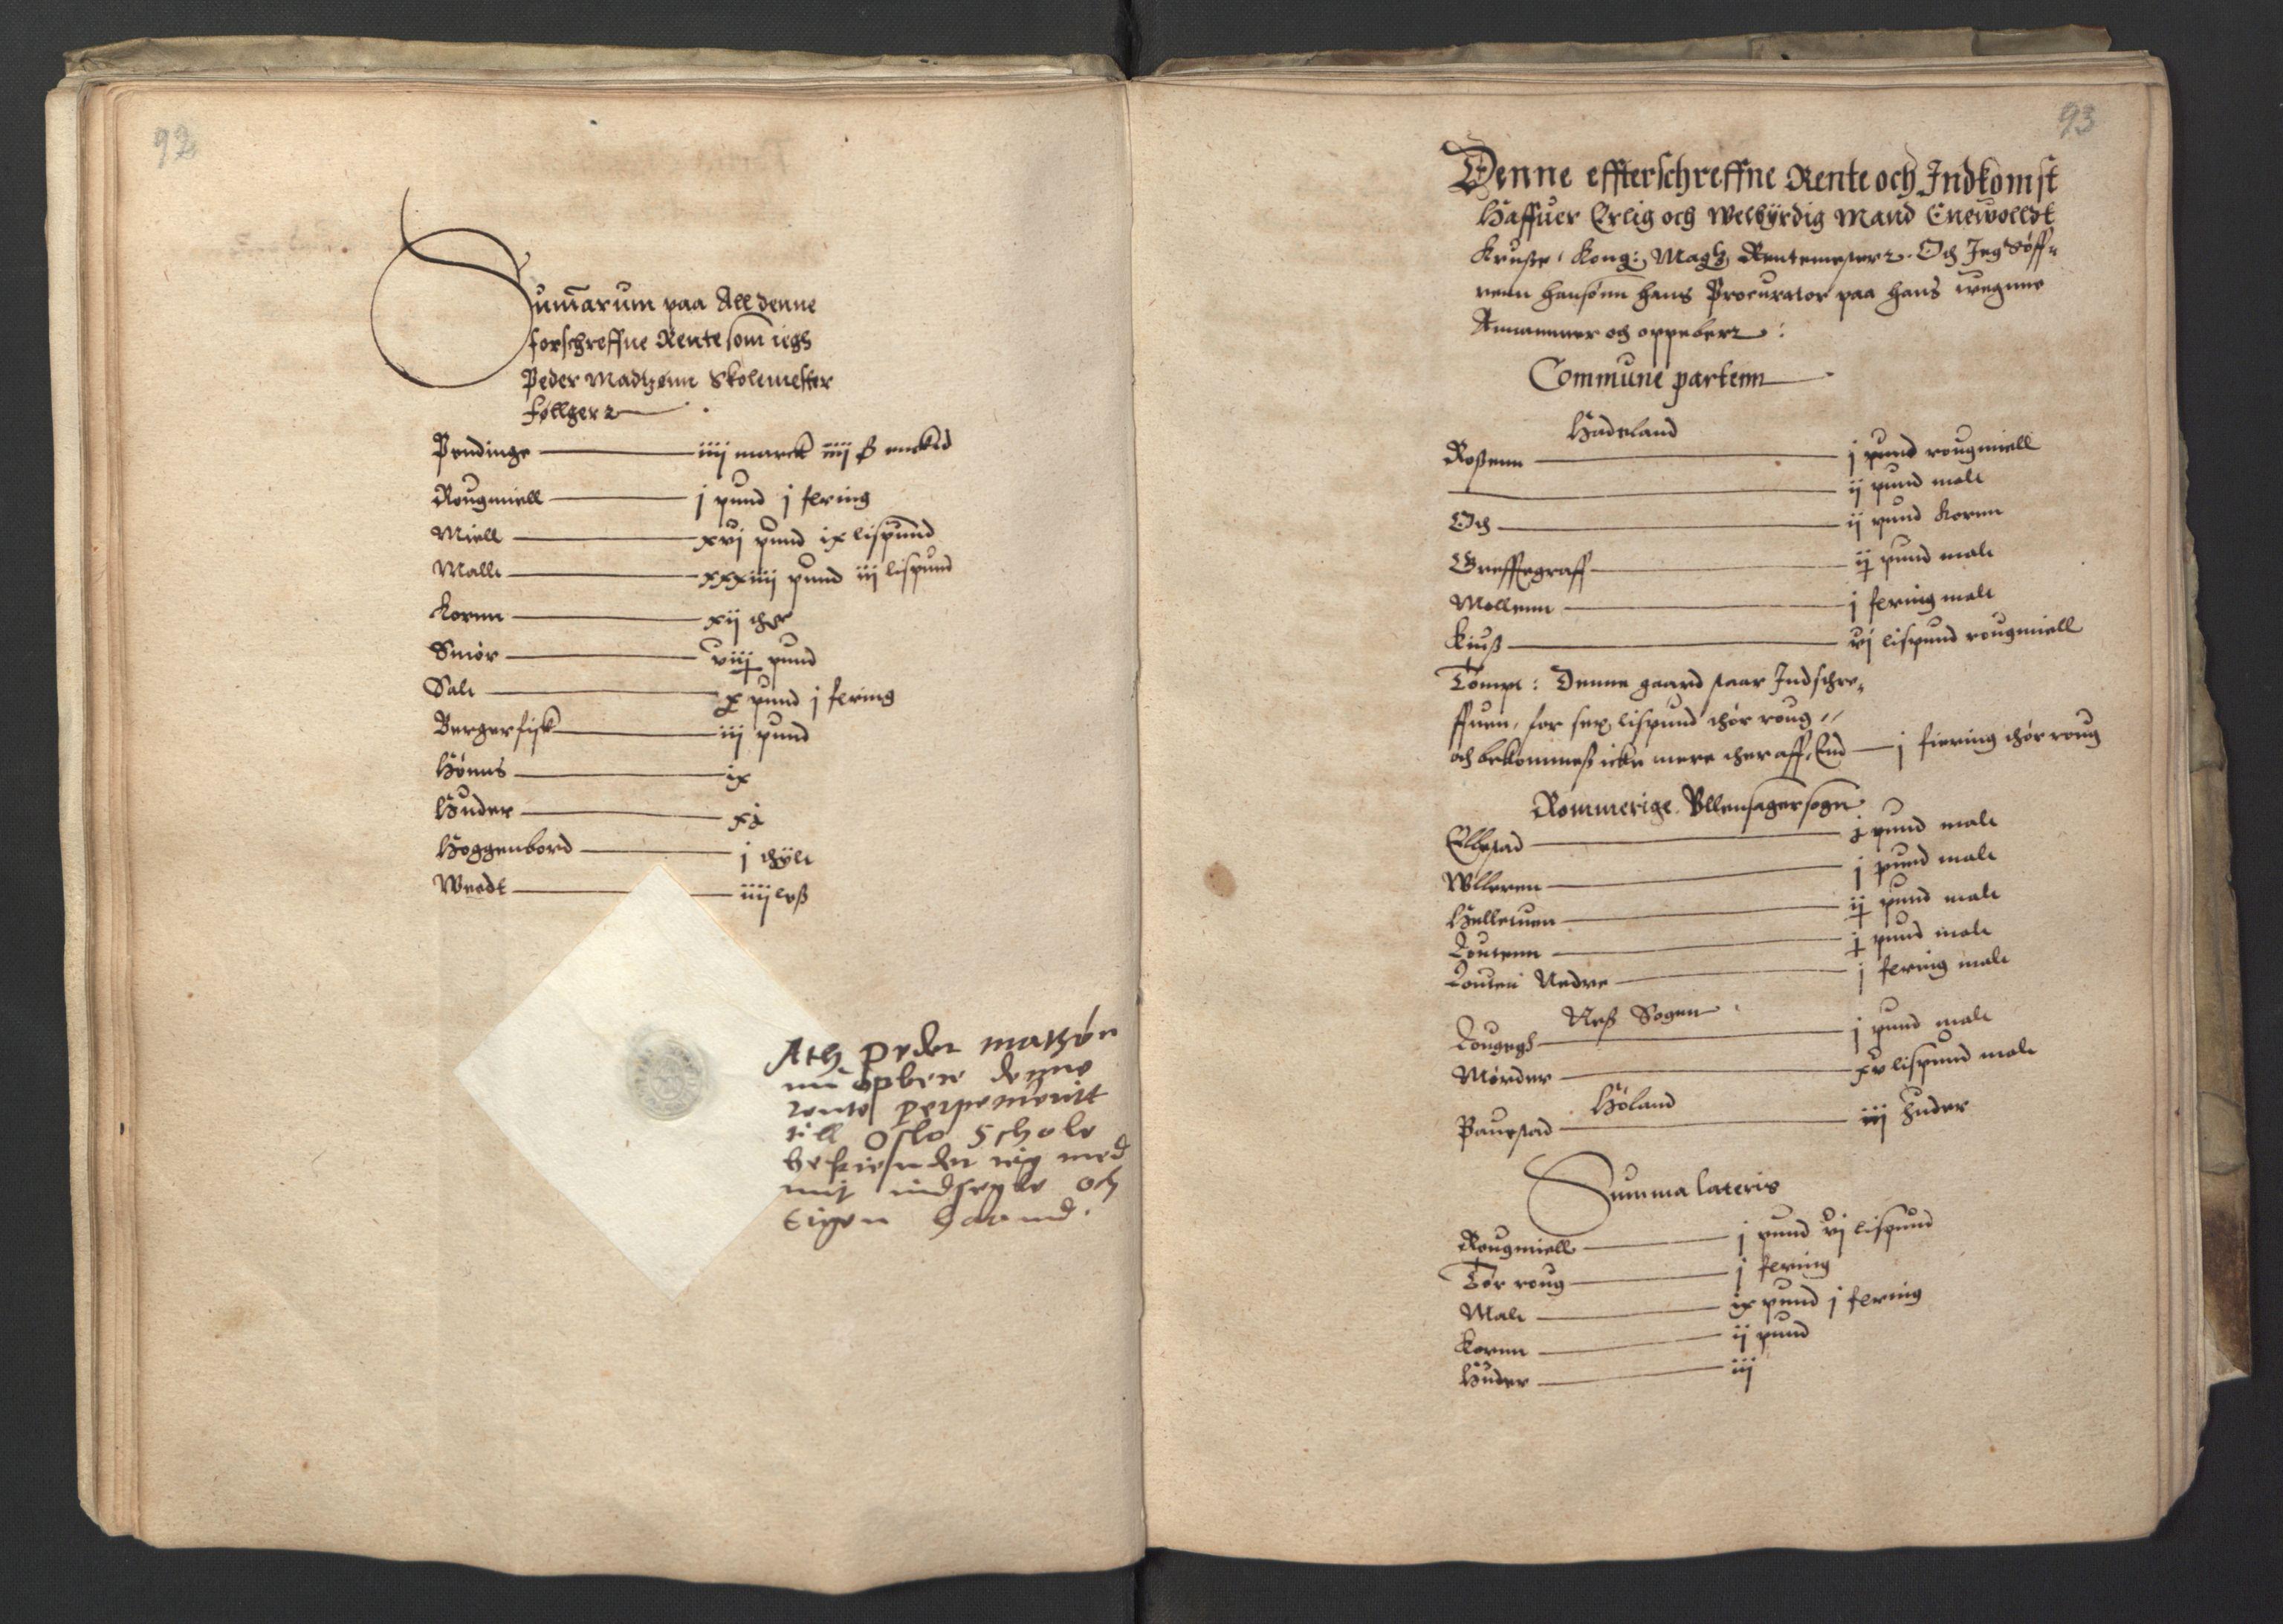 RA, Stattholderembetet 1572-1771, Ek/L0001: Jordebøker før 1624 og til utligning av garnisonsskatt 1624-1626:, 1595, s. 92-93